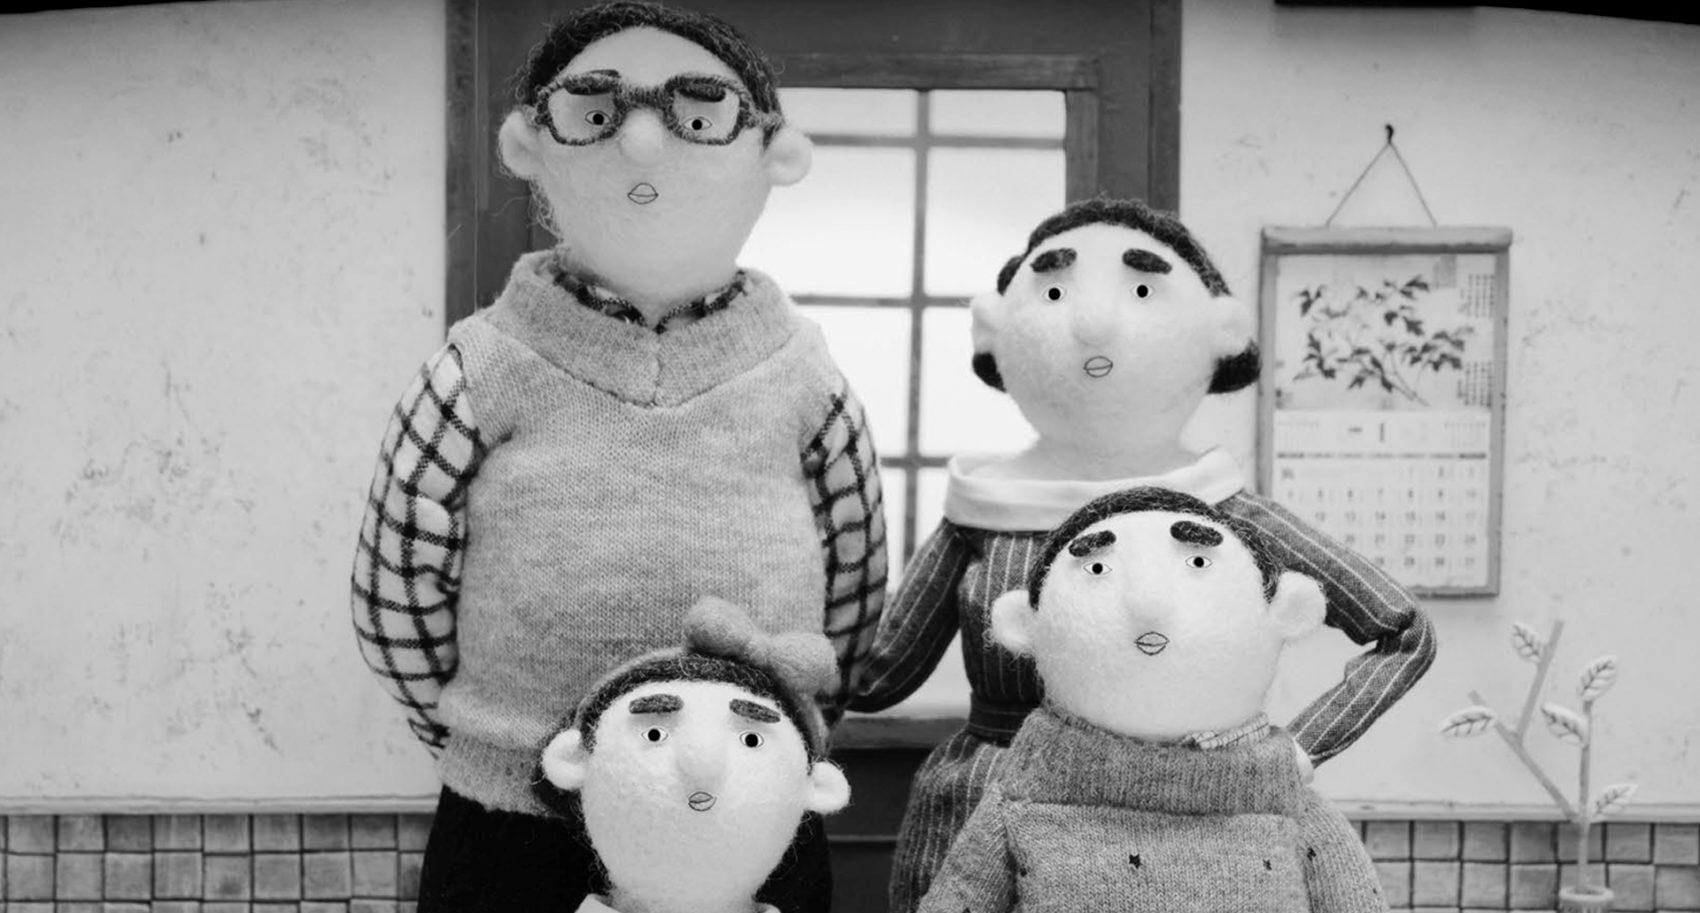 Lėlinės kino animacijos programa vaikams-Materia Magica-sesutė